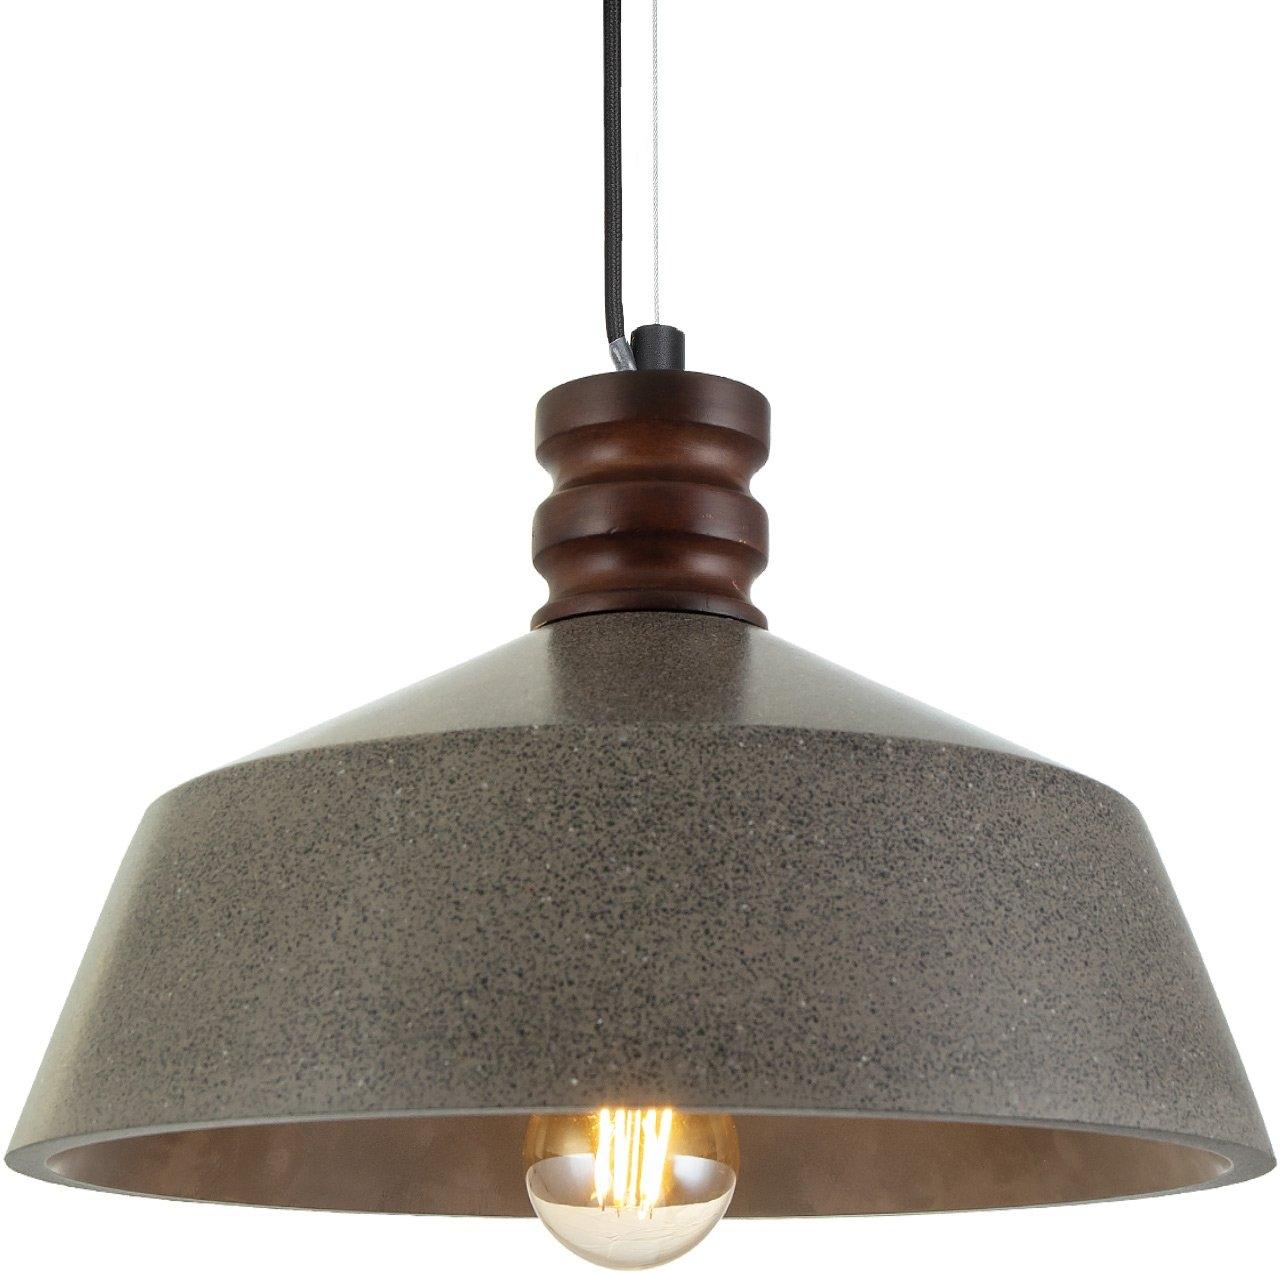 Paco Home hanglamp Kotter bestellen: 30 dagen bedenktijd